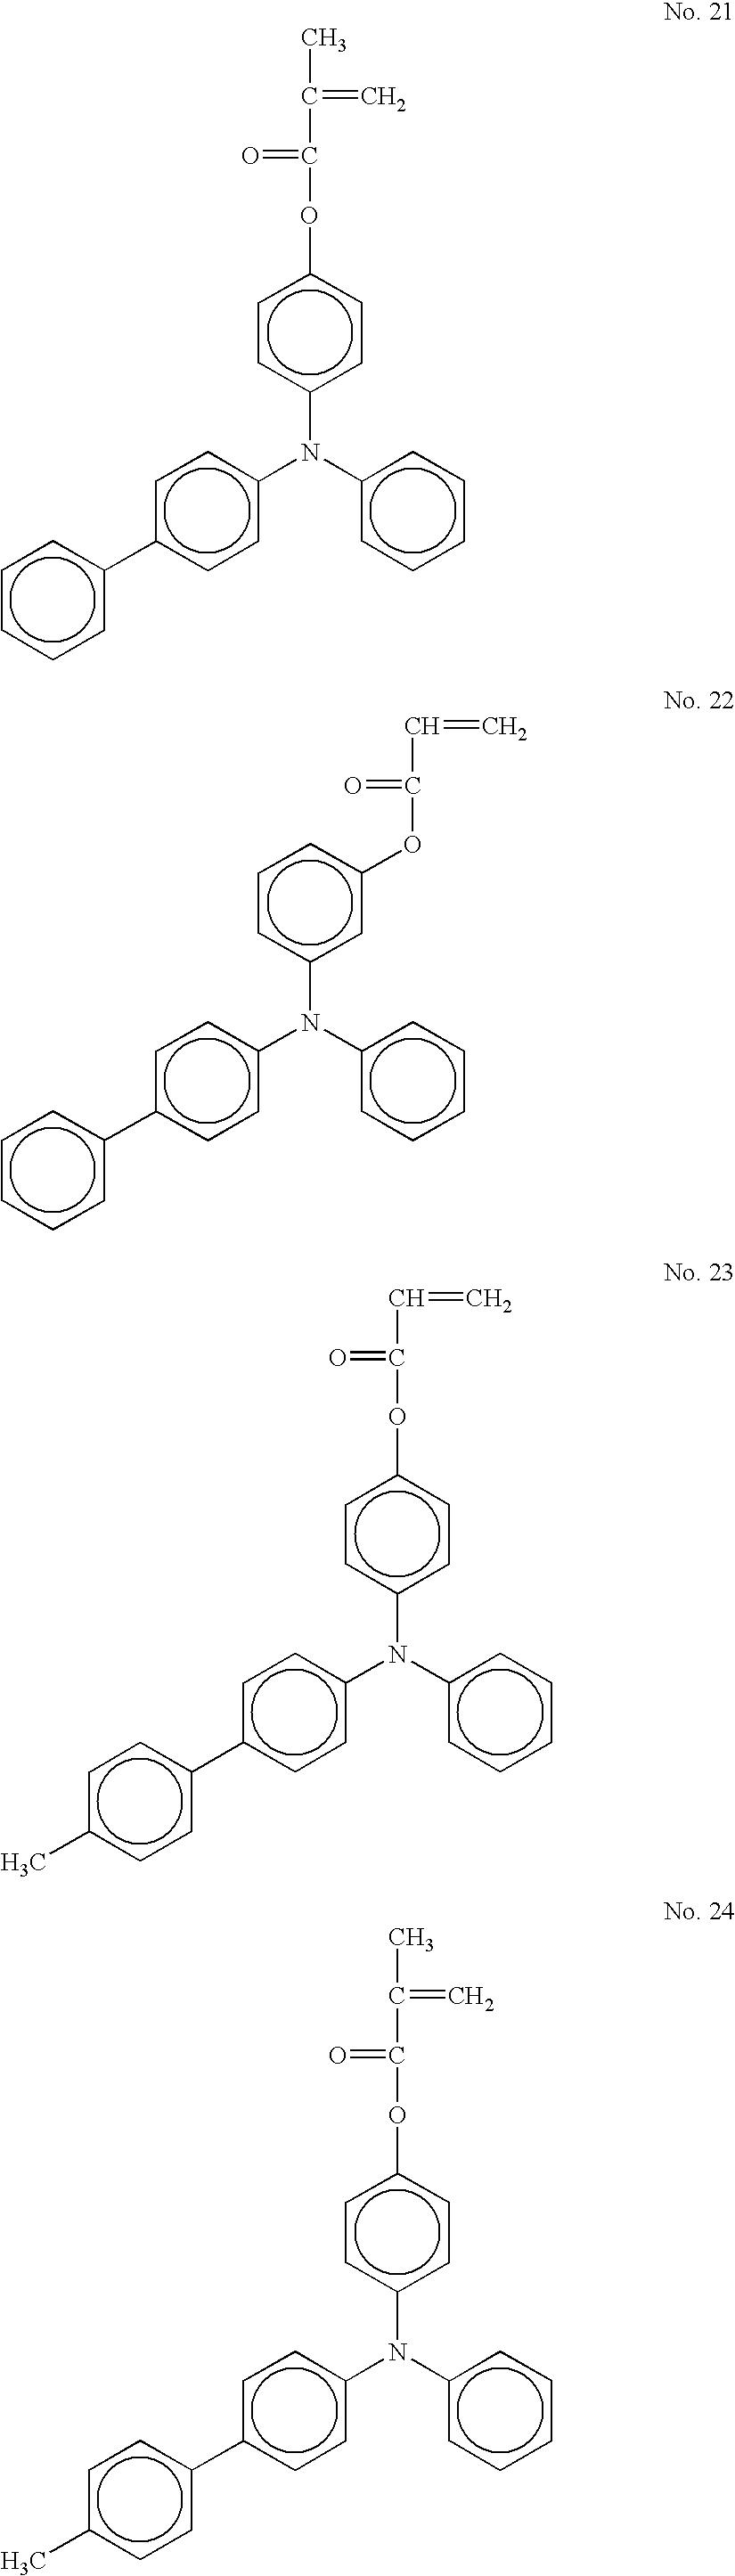 Figure US20050175911A1-20050811-C00011